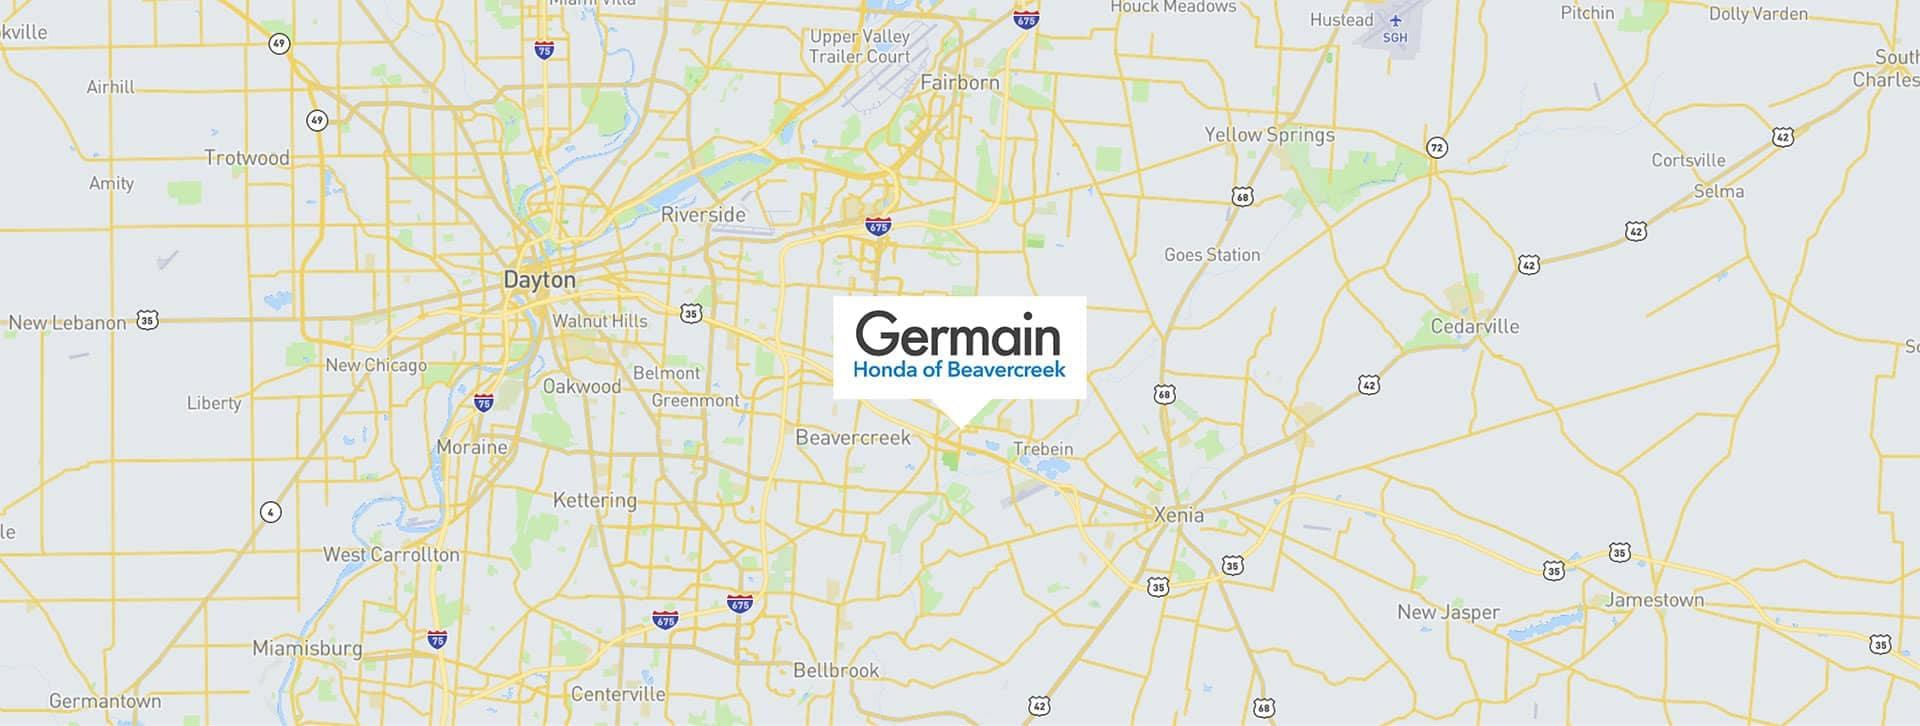 Germain Honda Beavercreek map